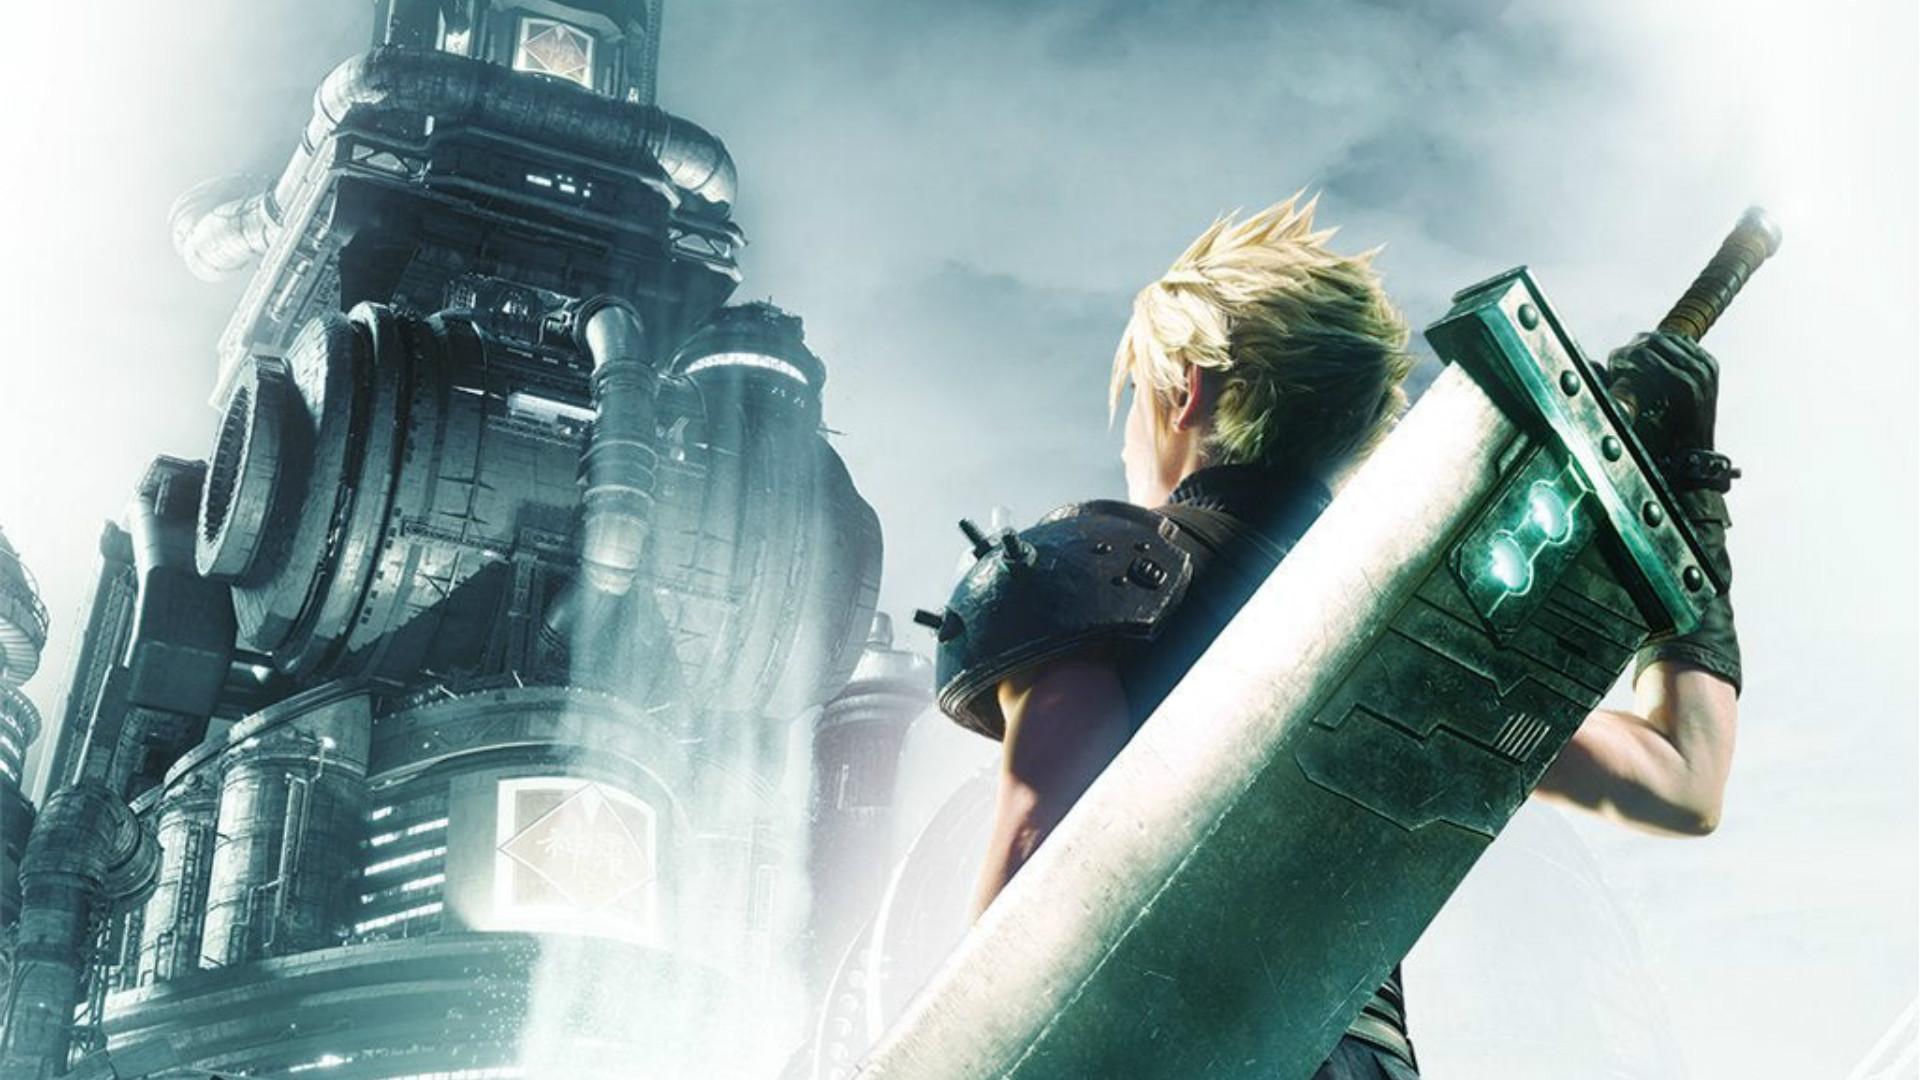 Cartel promocional del videojuego 'Final Fantasy VII Remake'